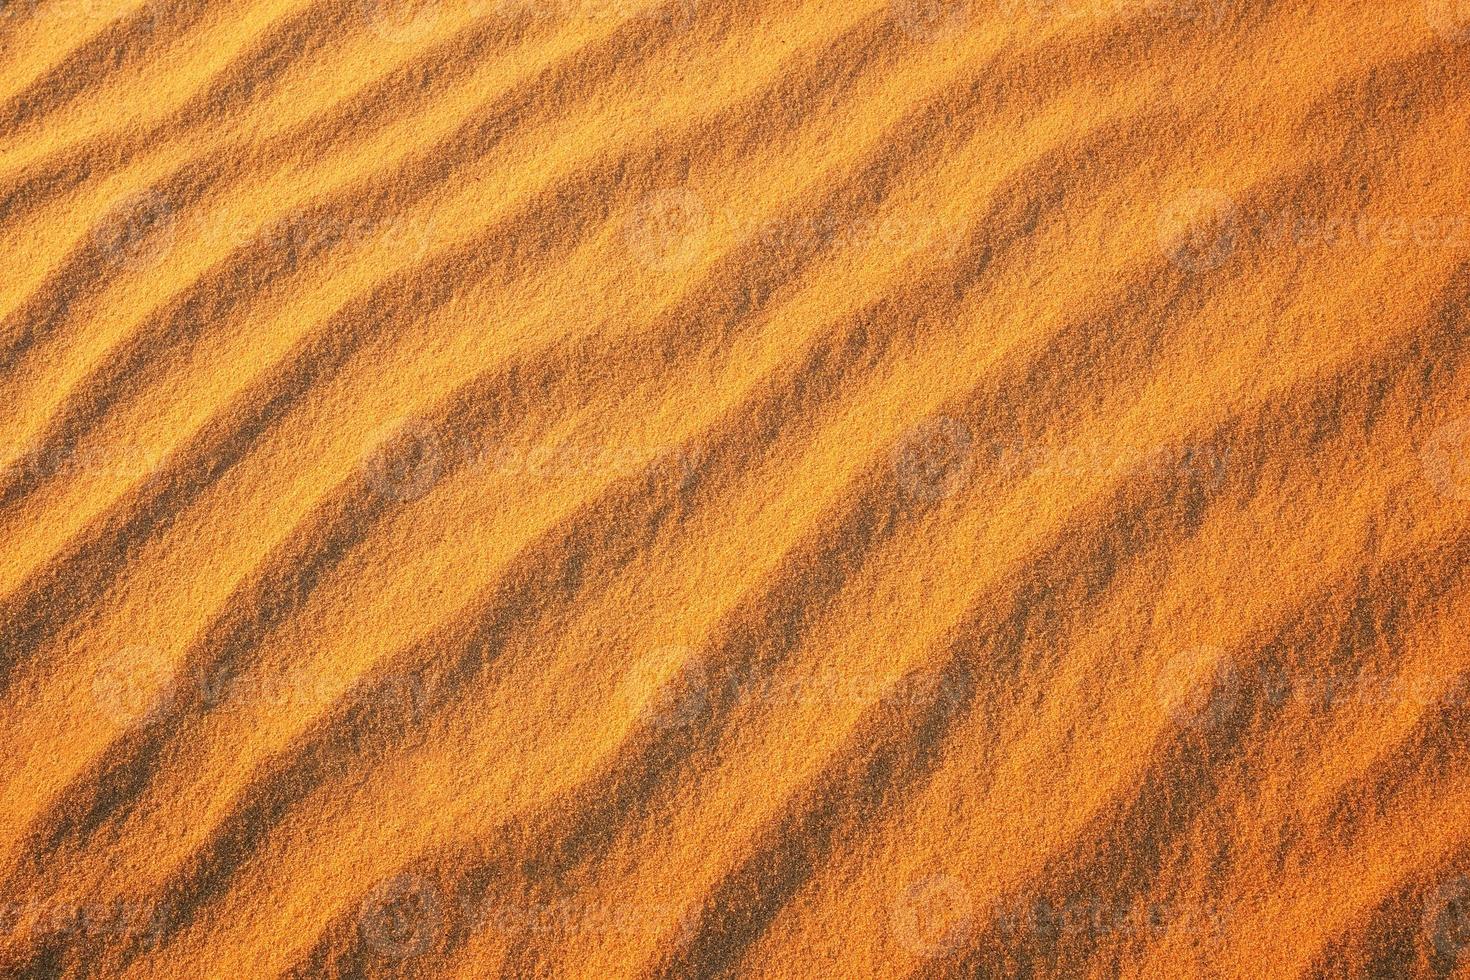 fond de sable du désert. photo